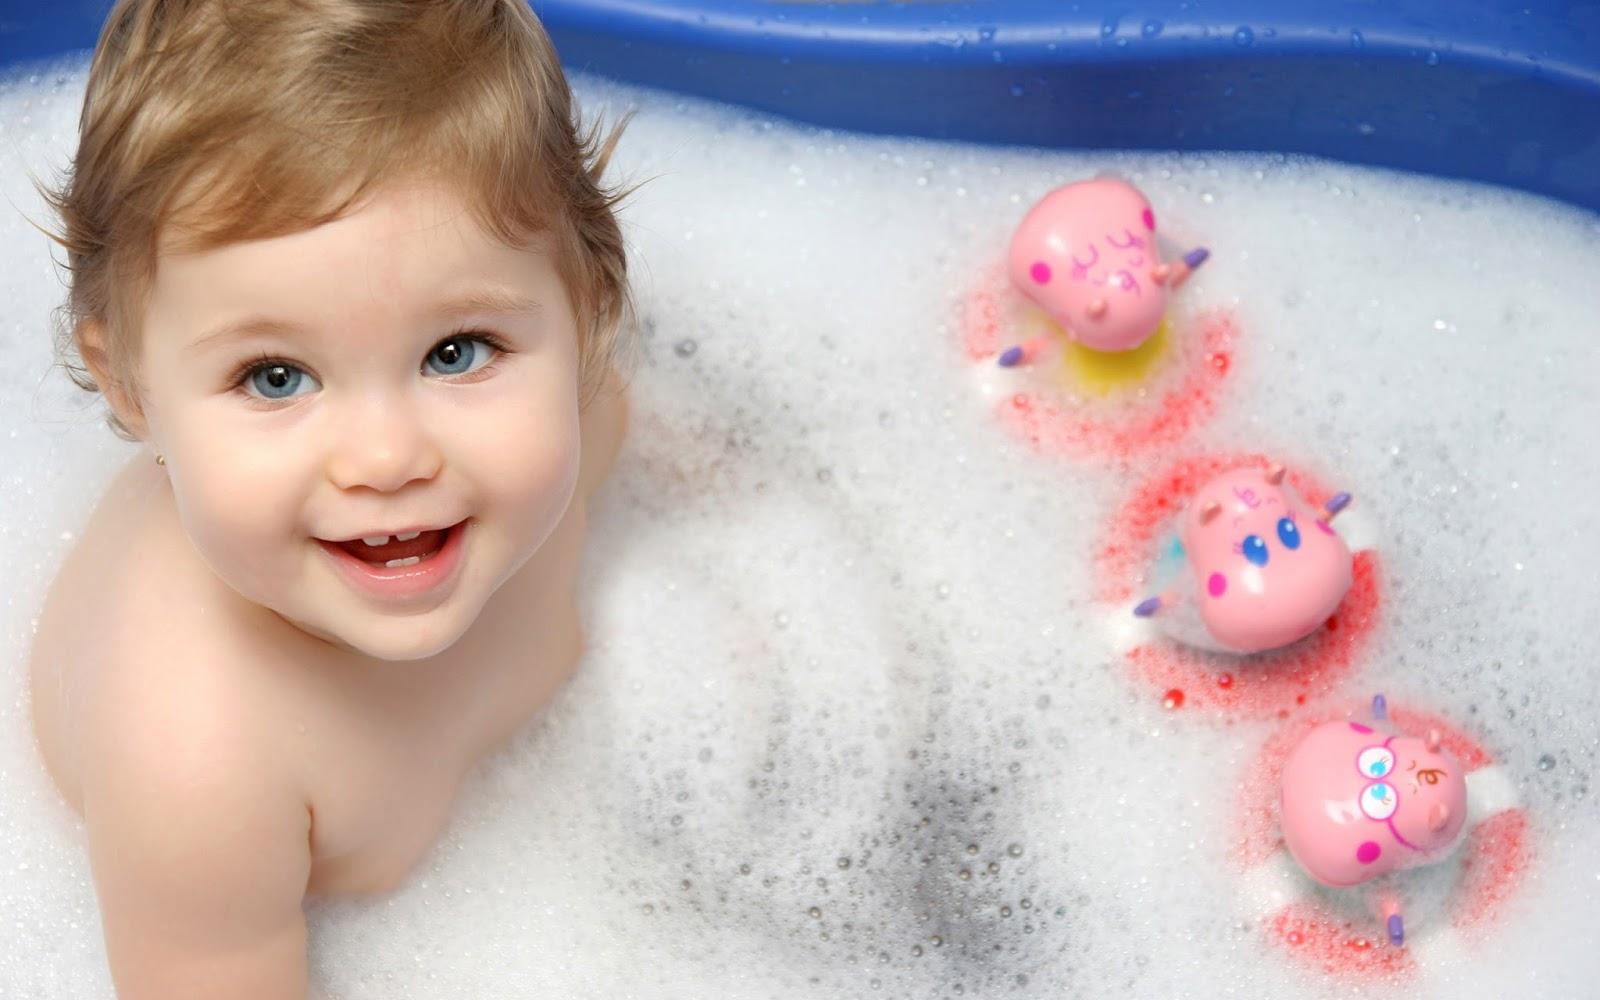 بالصور اجمل الصور اطفال فى العالم , احلى الصور لاجمل الاطفال من كل انحاء العالم 1228 17